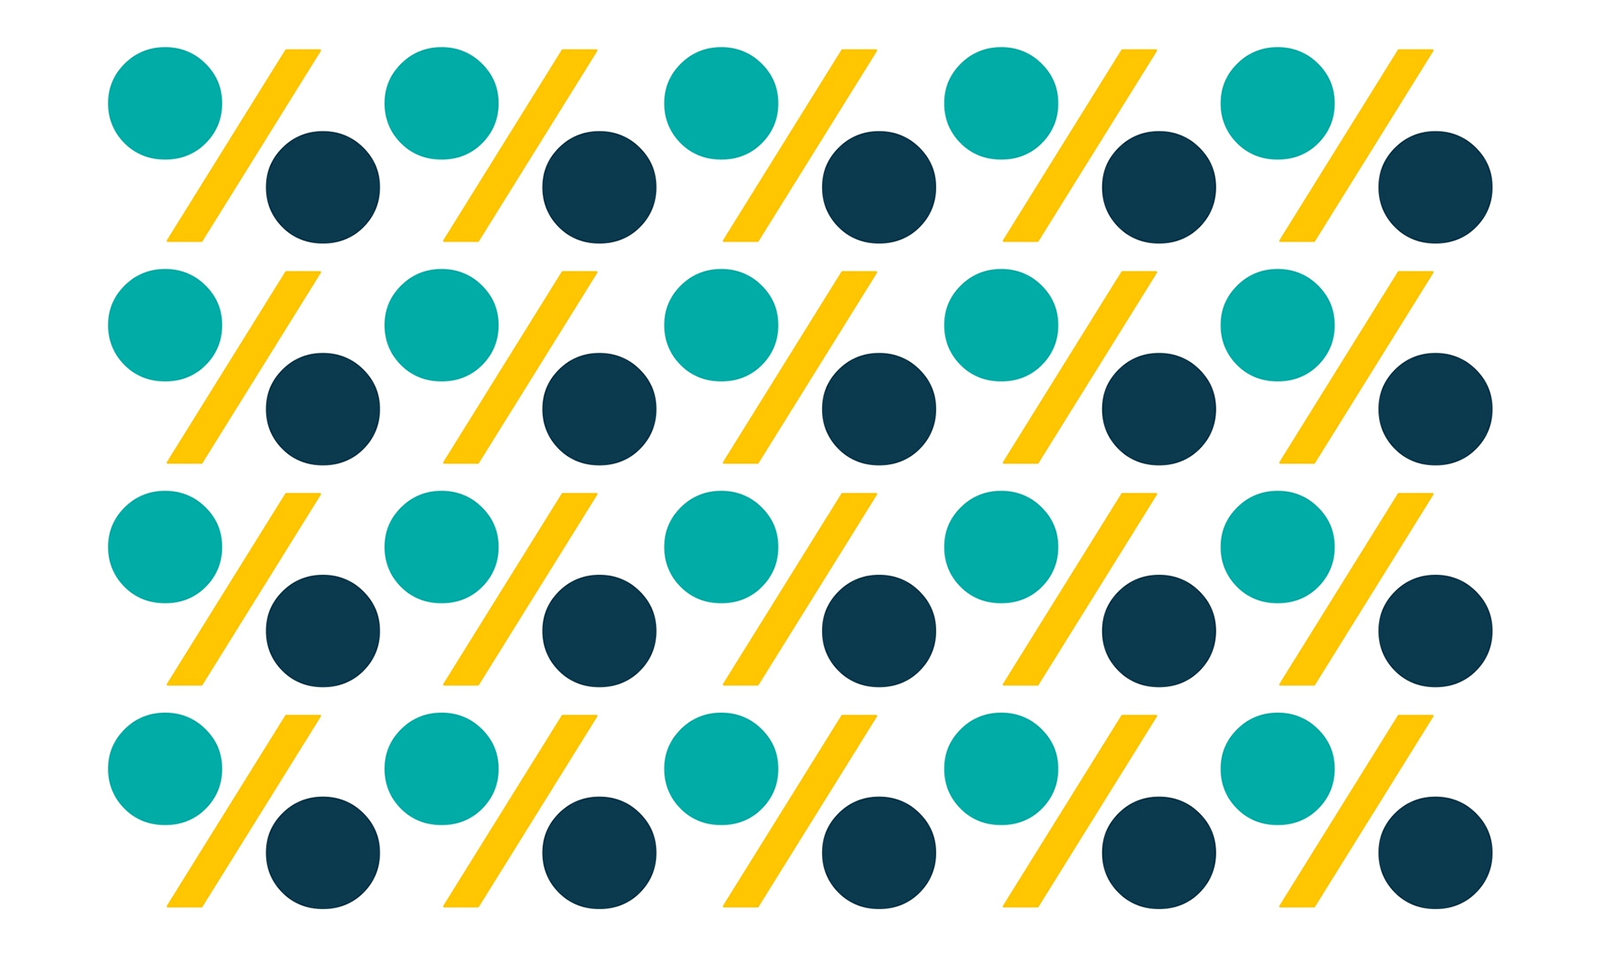 Proof Alliance 启用全新的品牌标志和VI形象设计-03